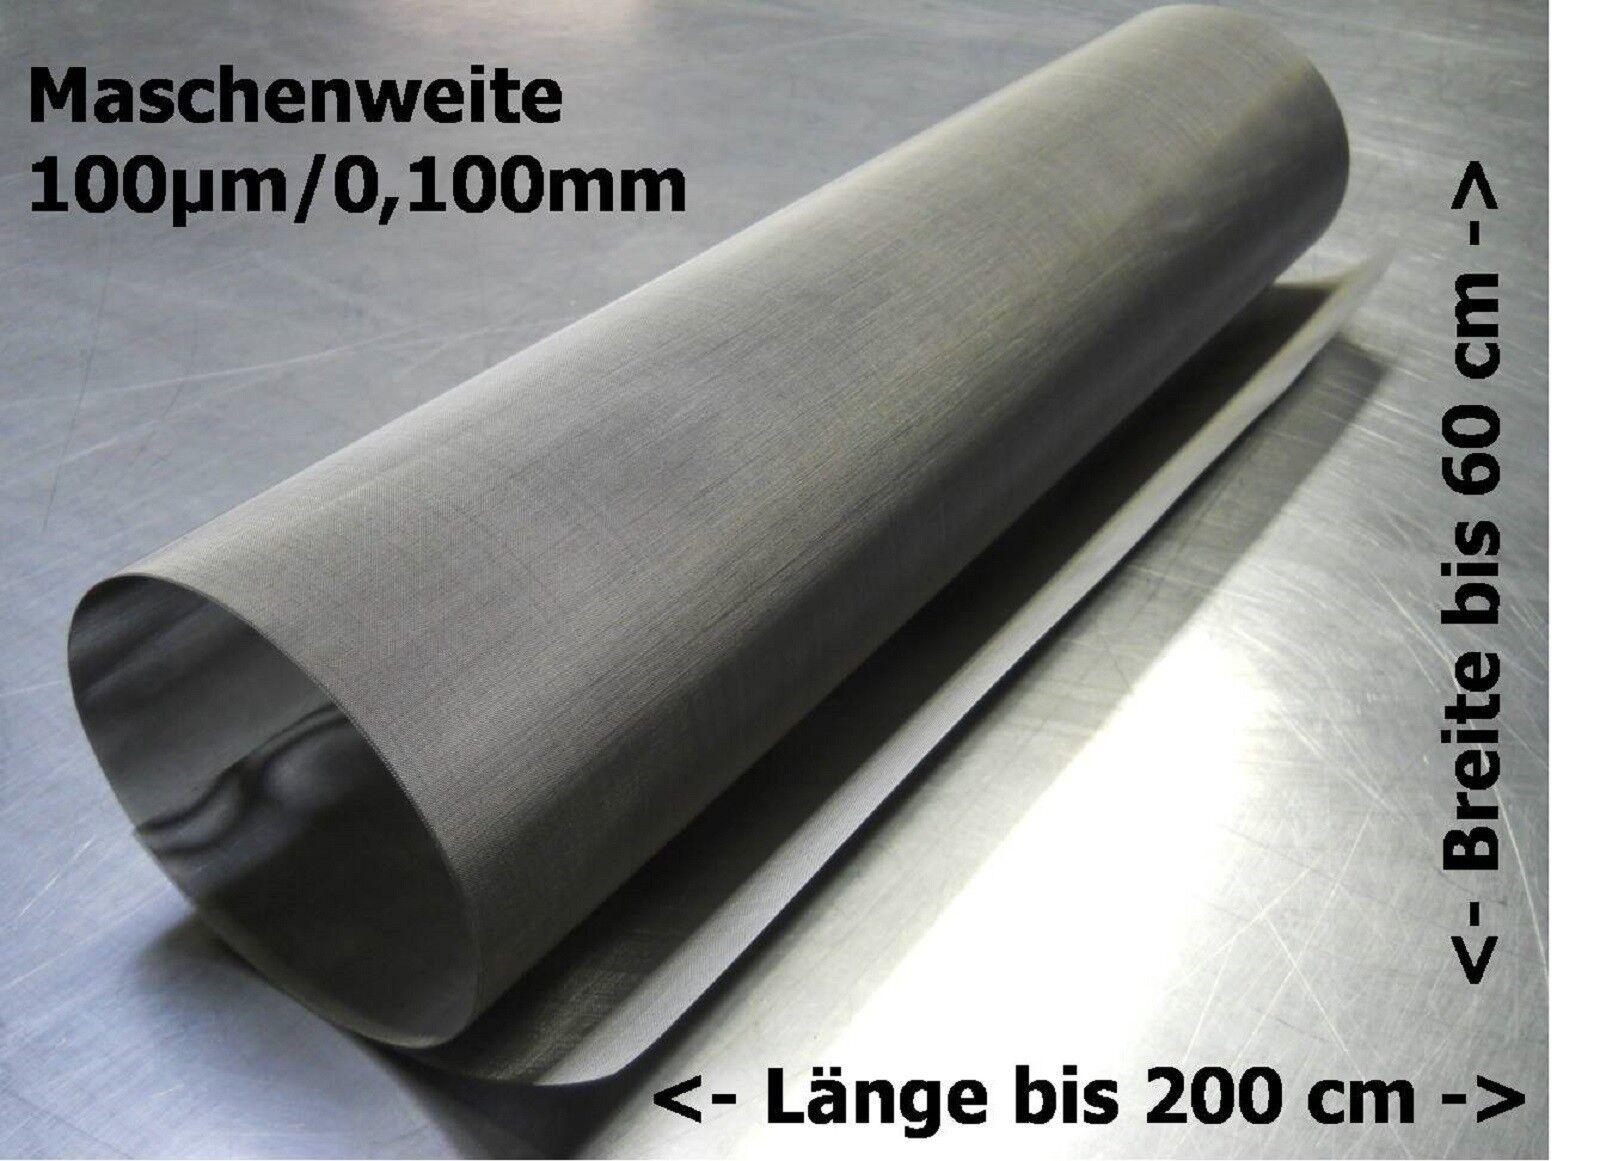 Tessuto IN ACCIAIO INOX PER FILTRO Tamburo arco setaccio ecc 0,100mm 100µm    fino a 200x60cm